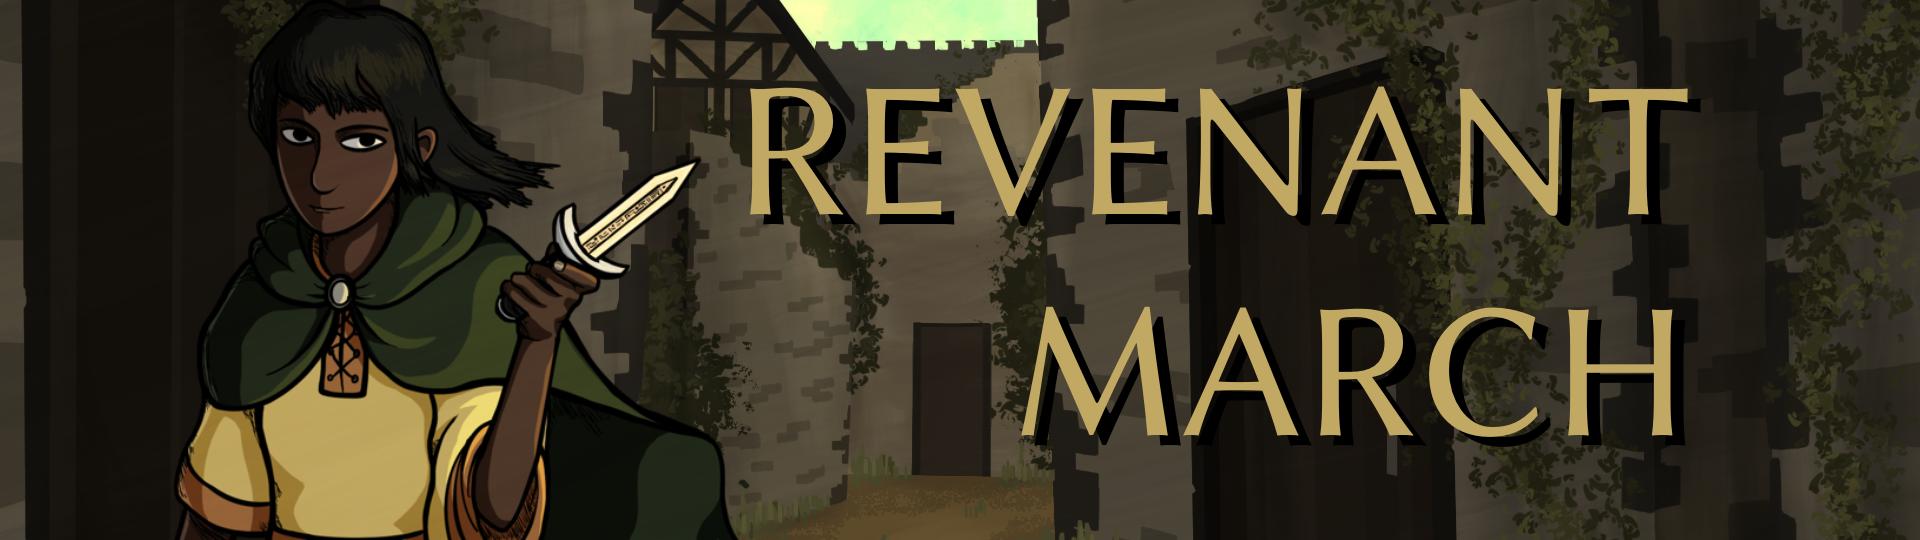 Revenant March